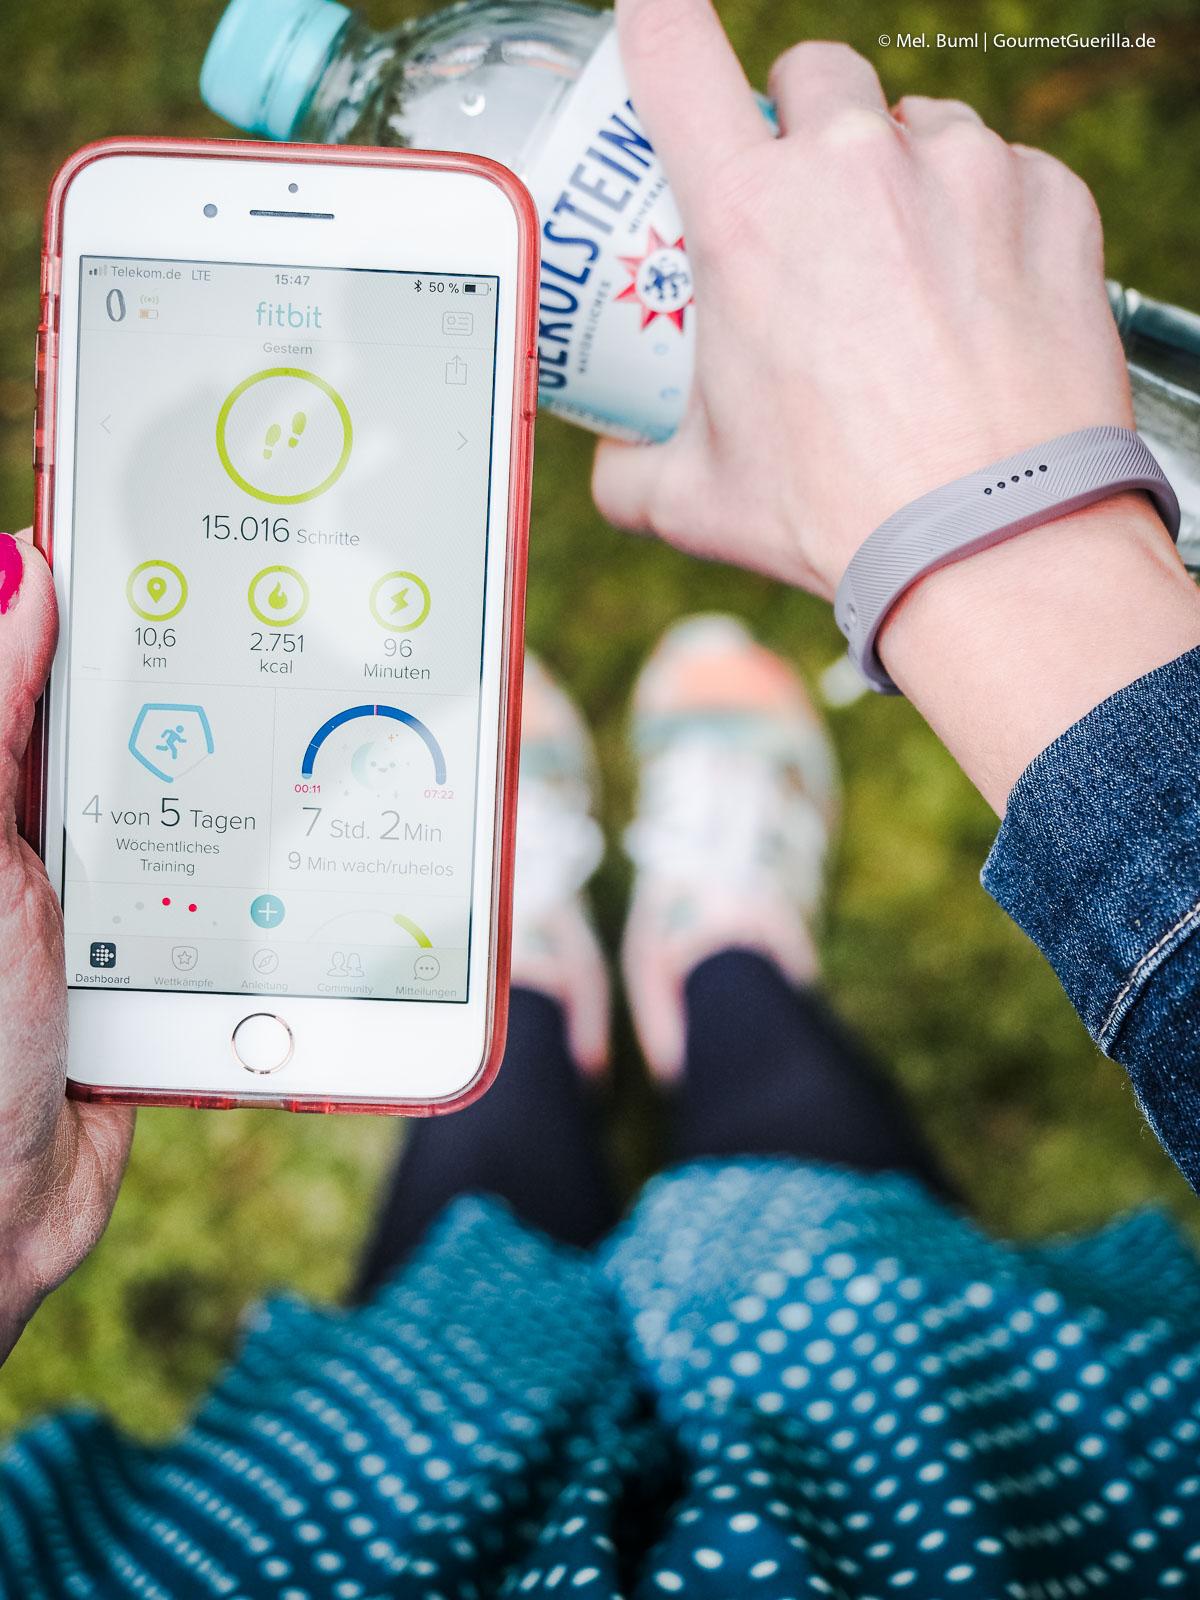 Fitness-Tracker 15.00 Schritte am Tag während der Trink-Challenge 2018 |GourmetGuerilla.de